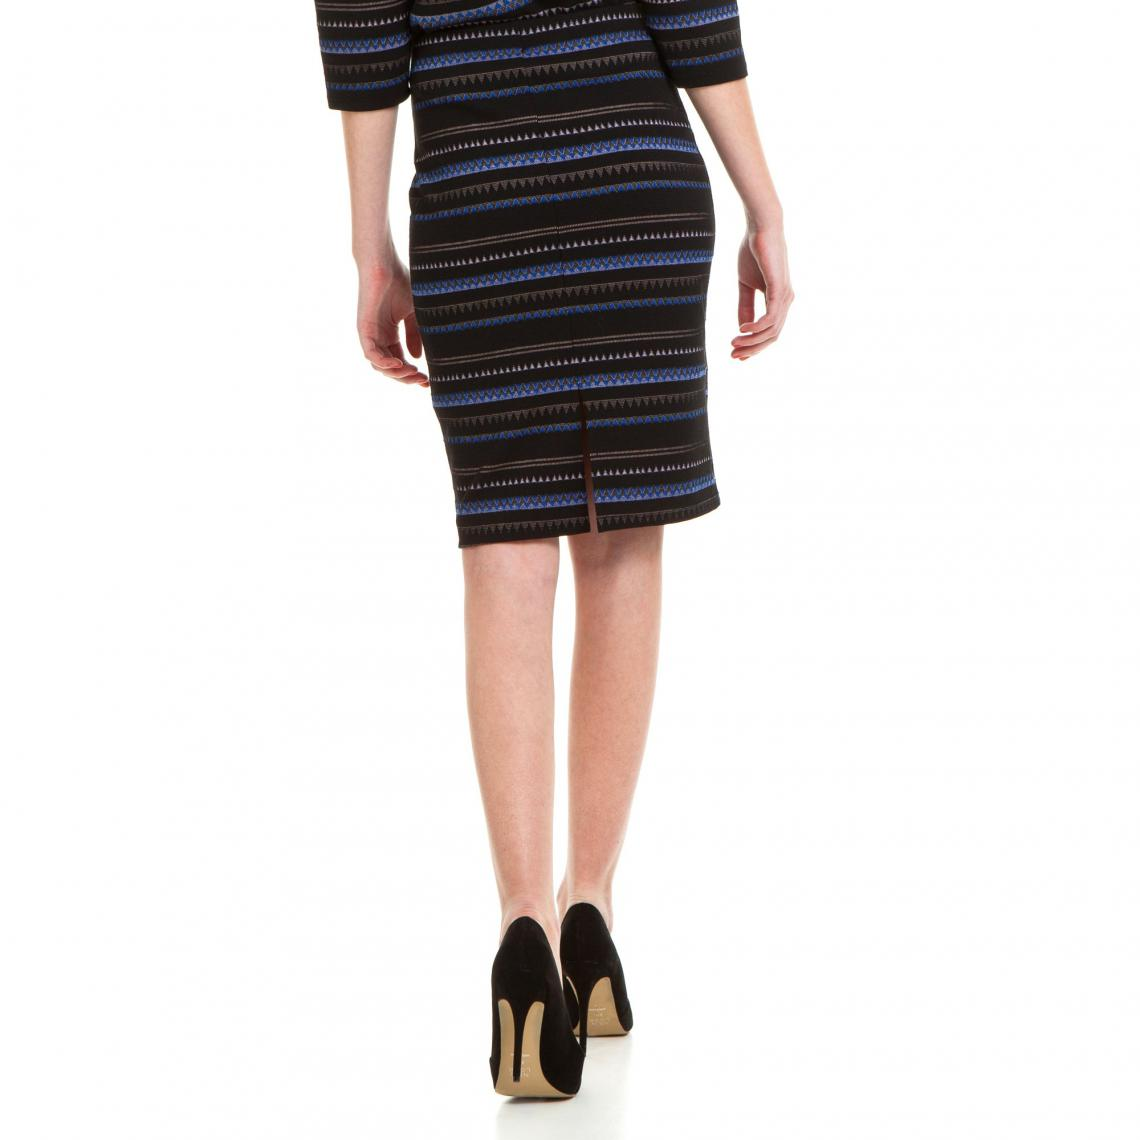 maille Jupe crayon extensible SUISSES femme imprimée Multicolore3 Yfyvgb67